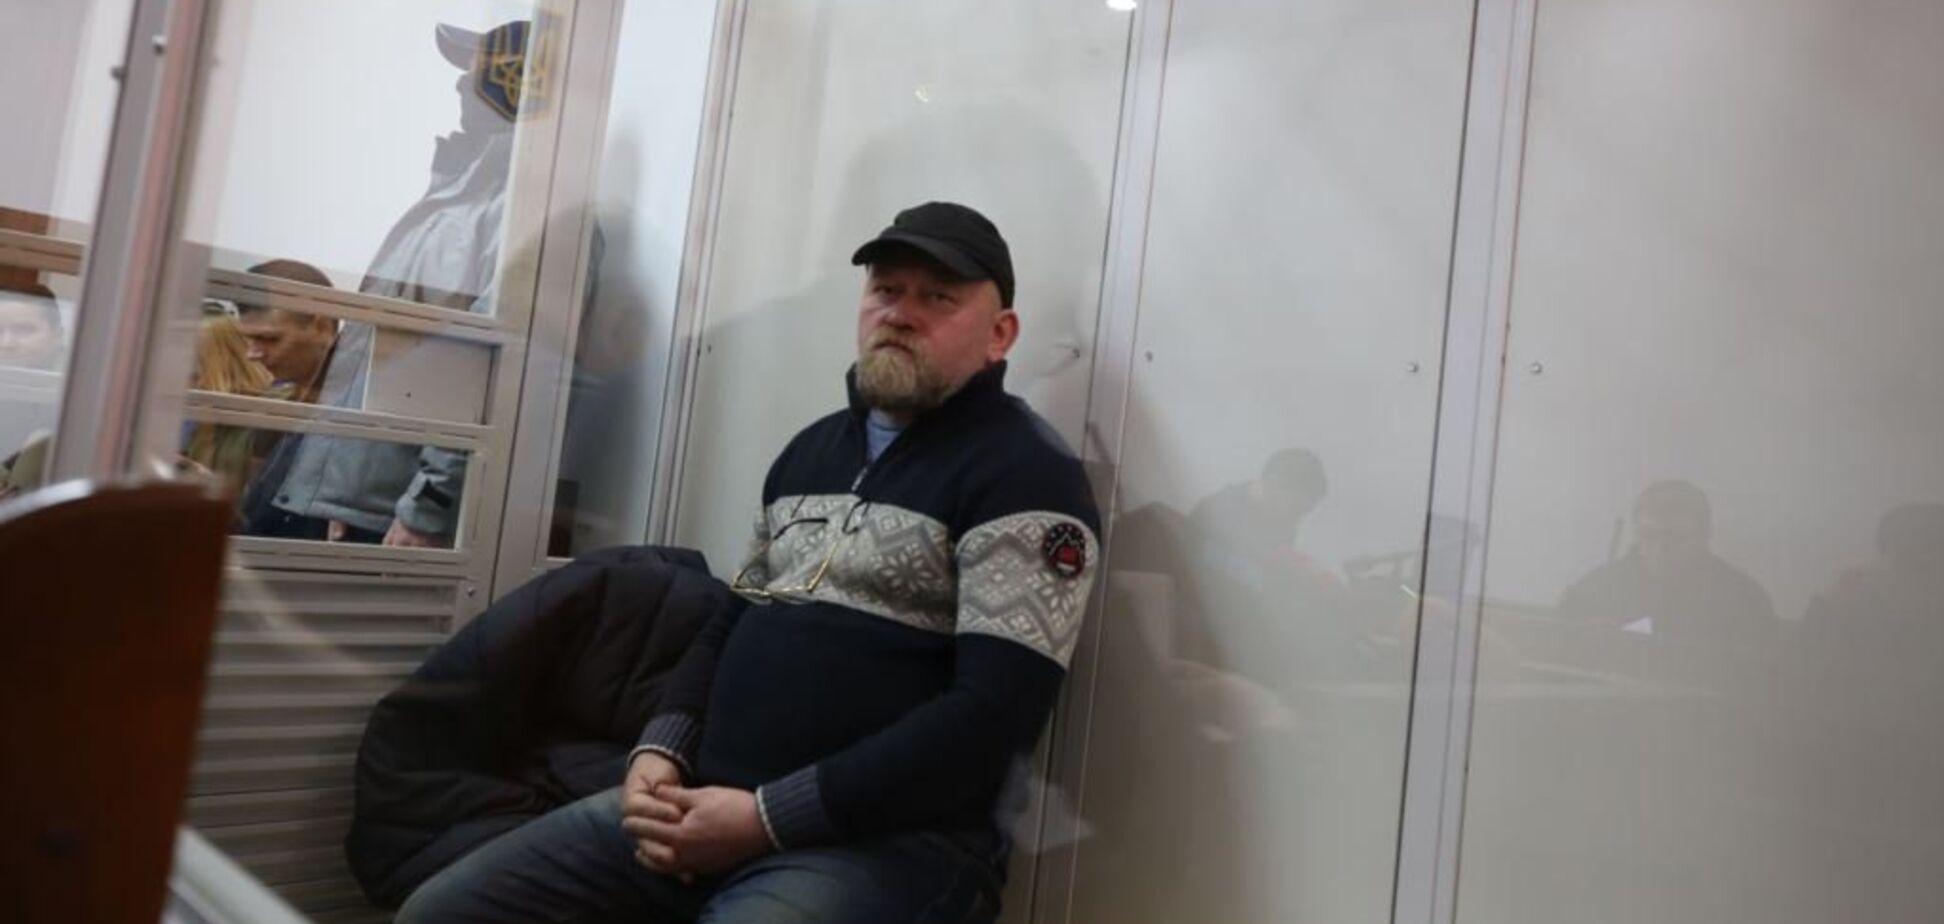 Арешт Рубана: експерт пояснив, навіщо Кремлю нові теракти в Україні